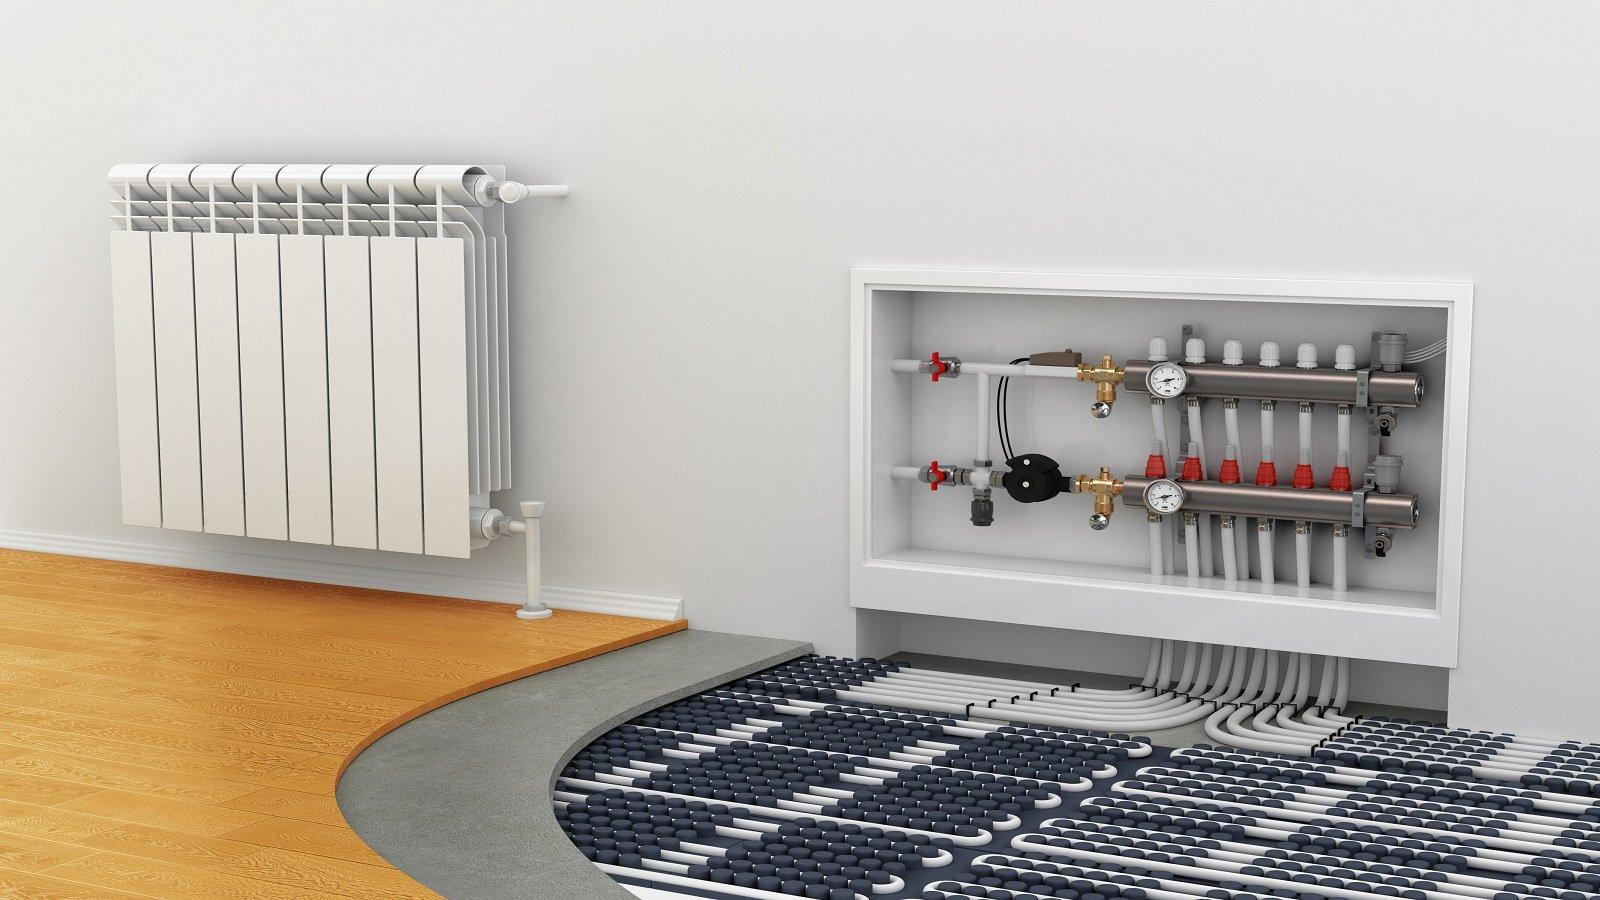 un calorifero e accanto i tubi a vista di un impianto termoidraulico